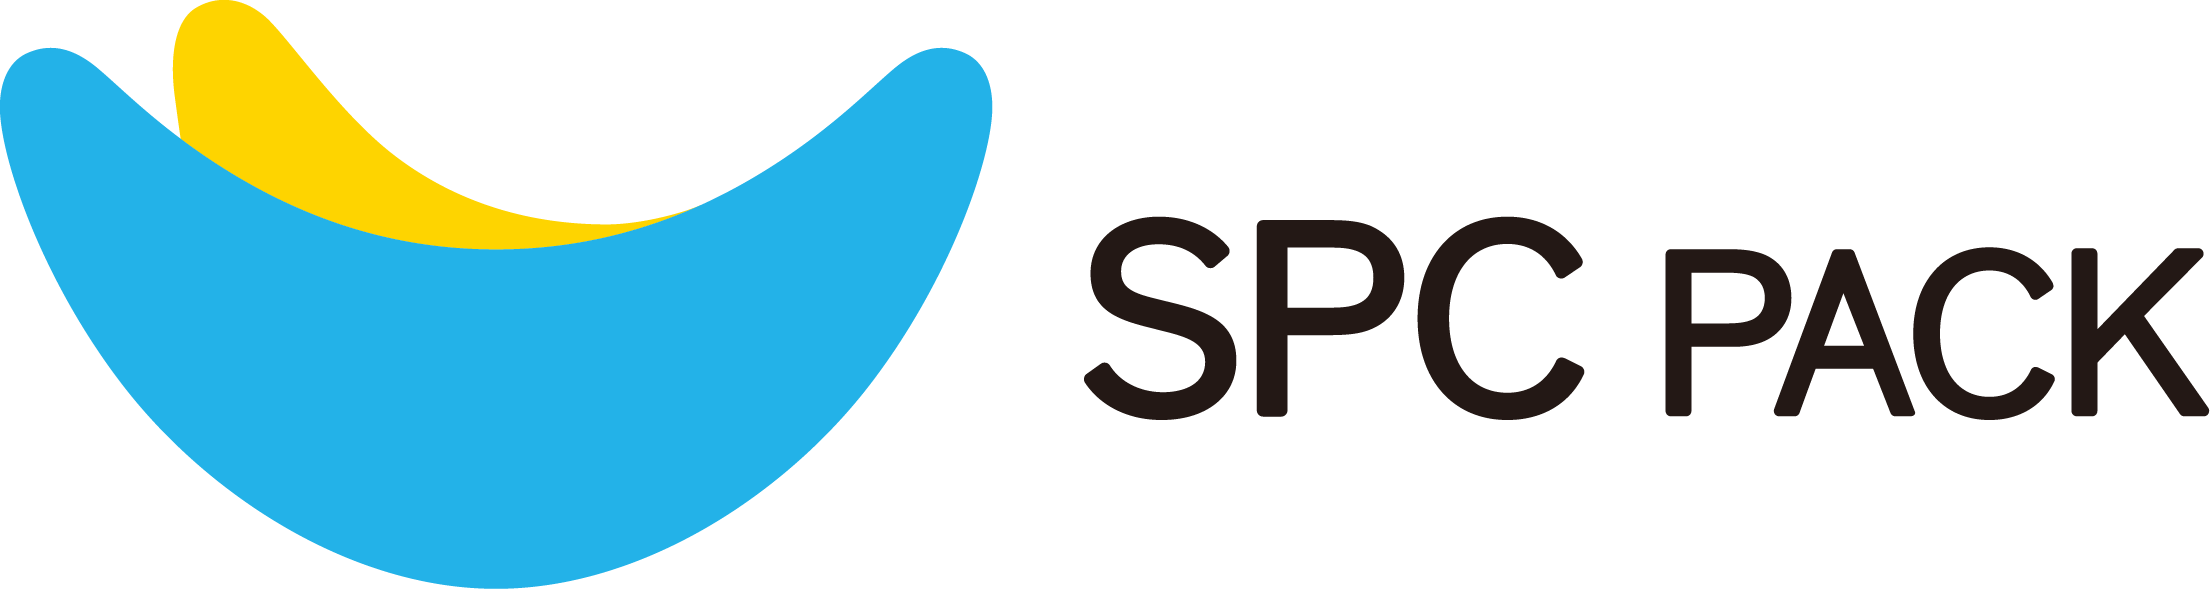 SPC의 계열사 (주)에스피씨팩의 로고